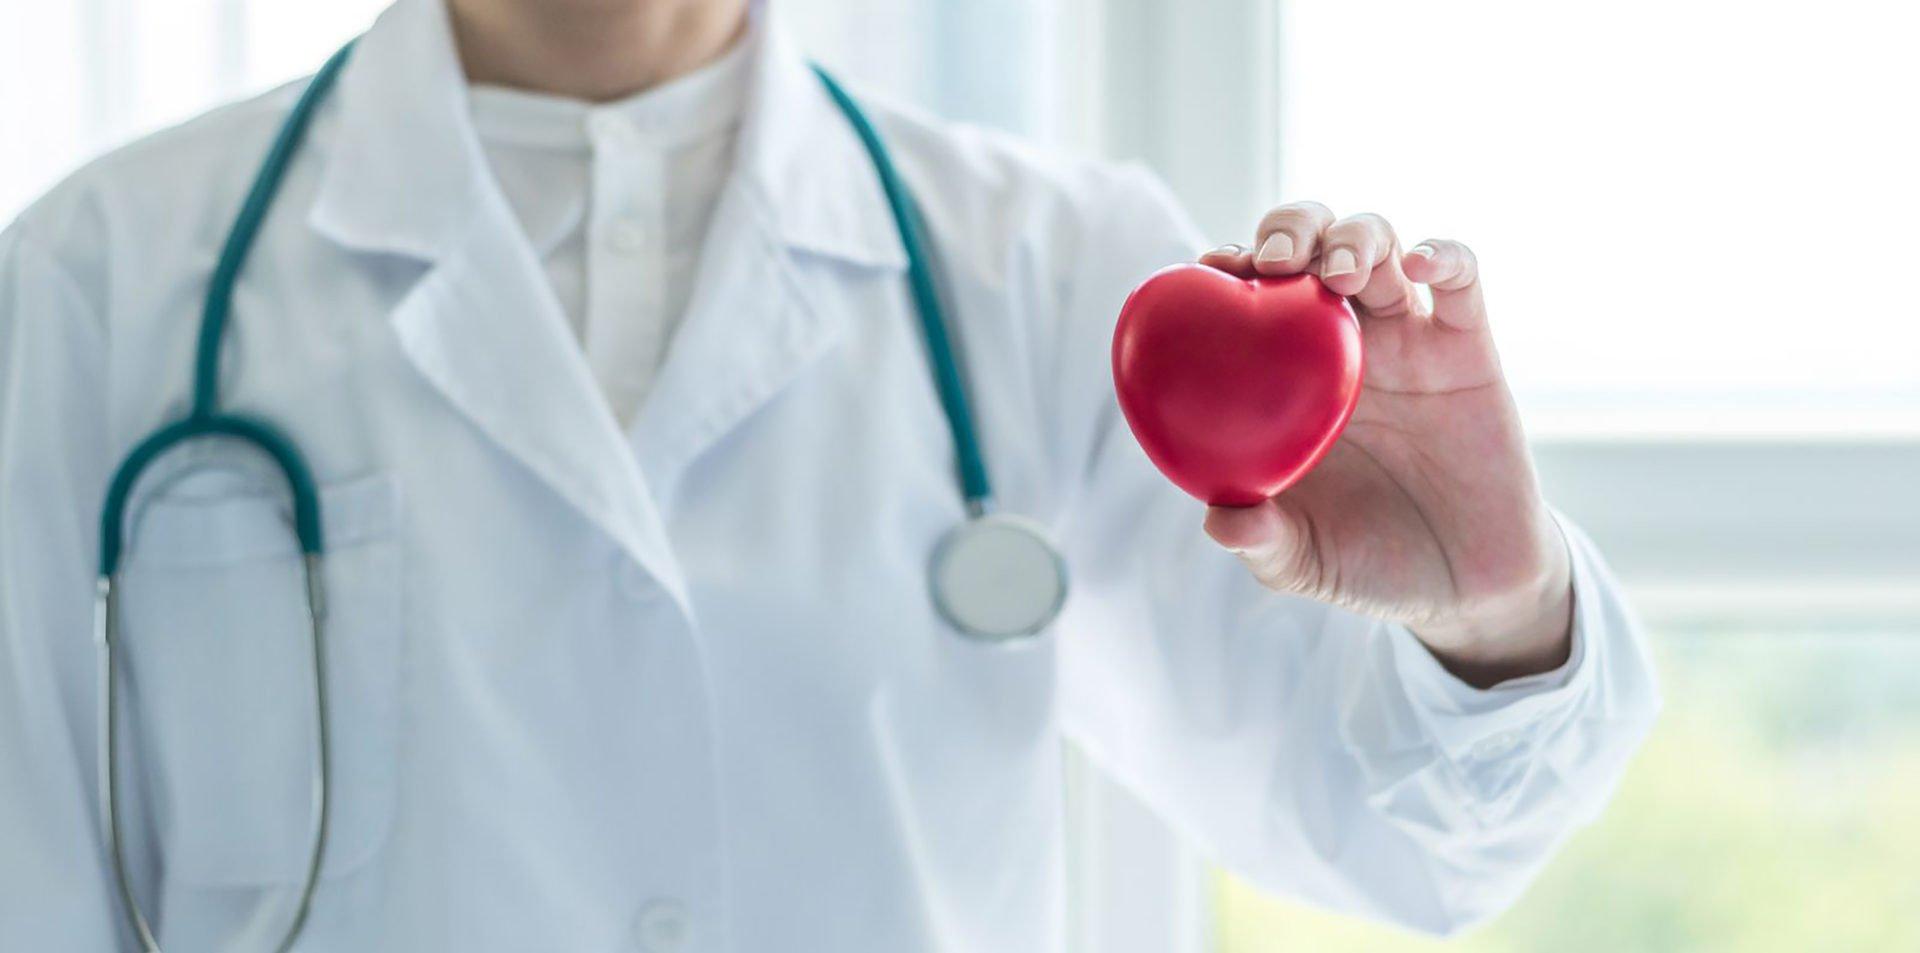 Cardiology & Cardiac Care